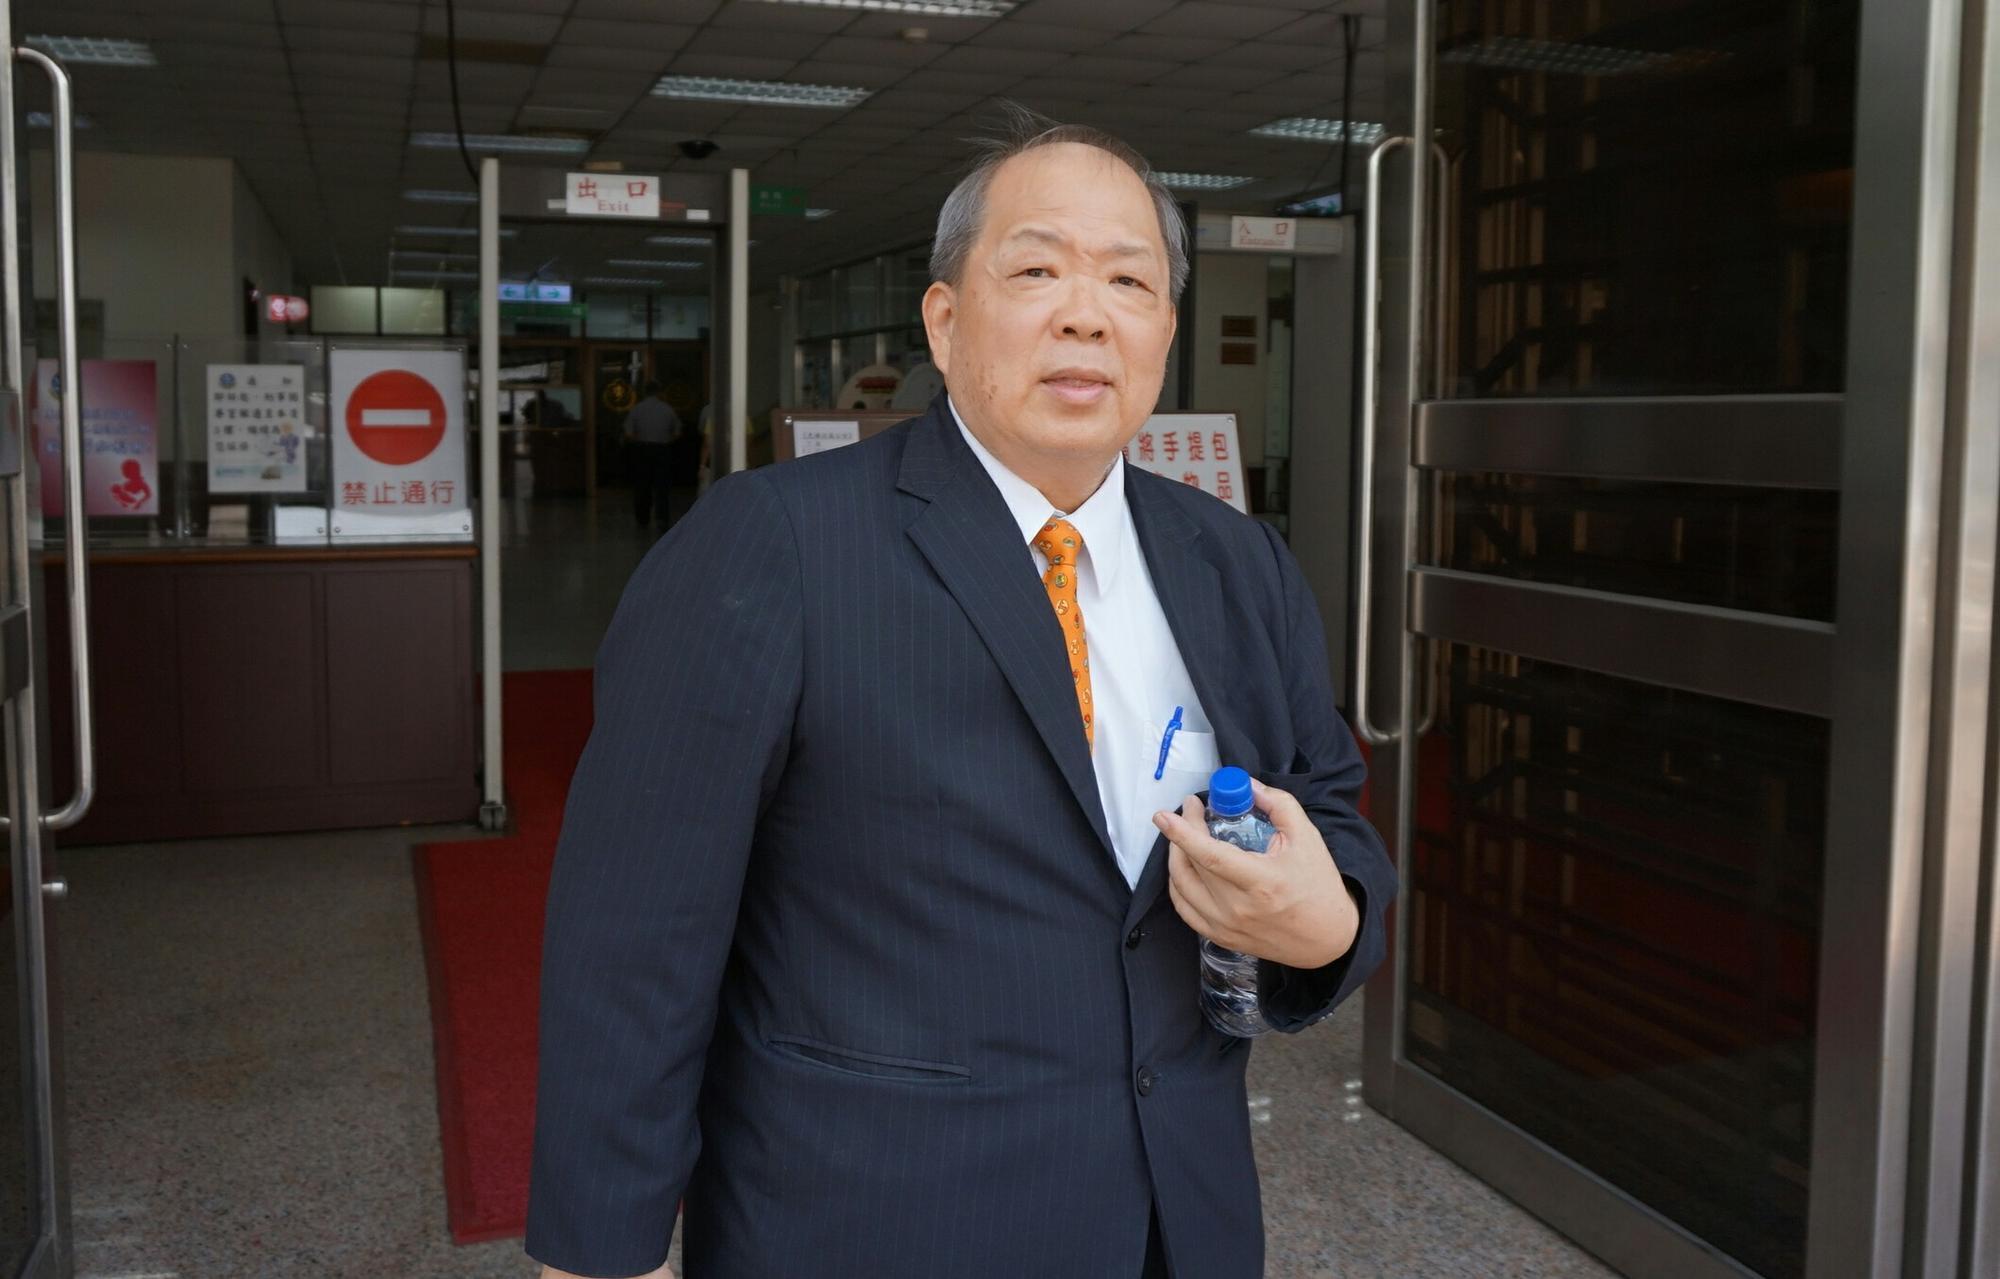 前金官會專任委員黃顯華為紅火案擔任專家證人,他指出中信金要併購兆豐金而大量買兆豐金股票,導致股價上漲,是自然現象。